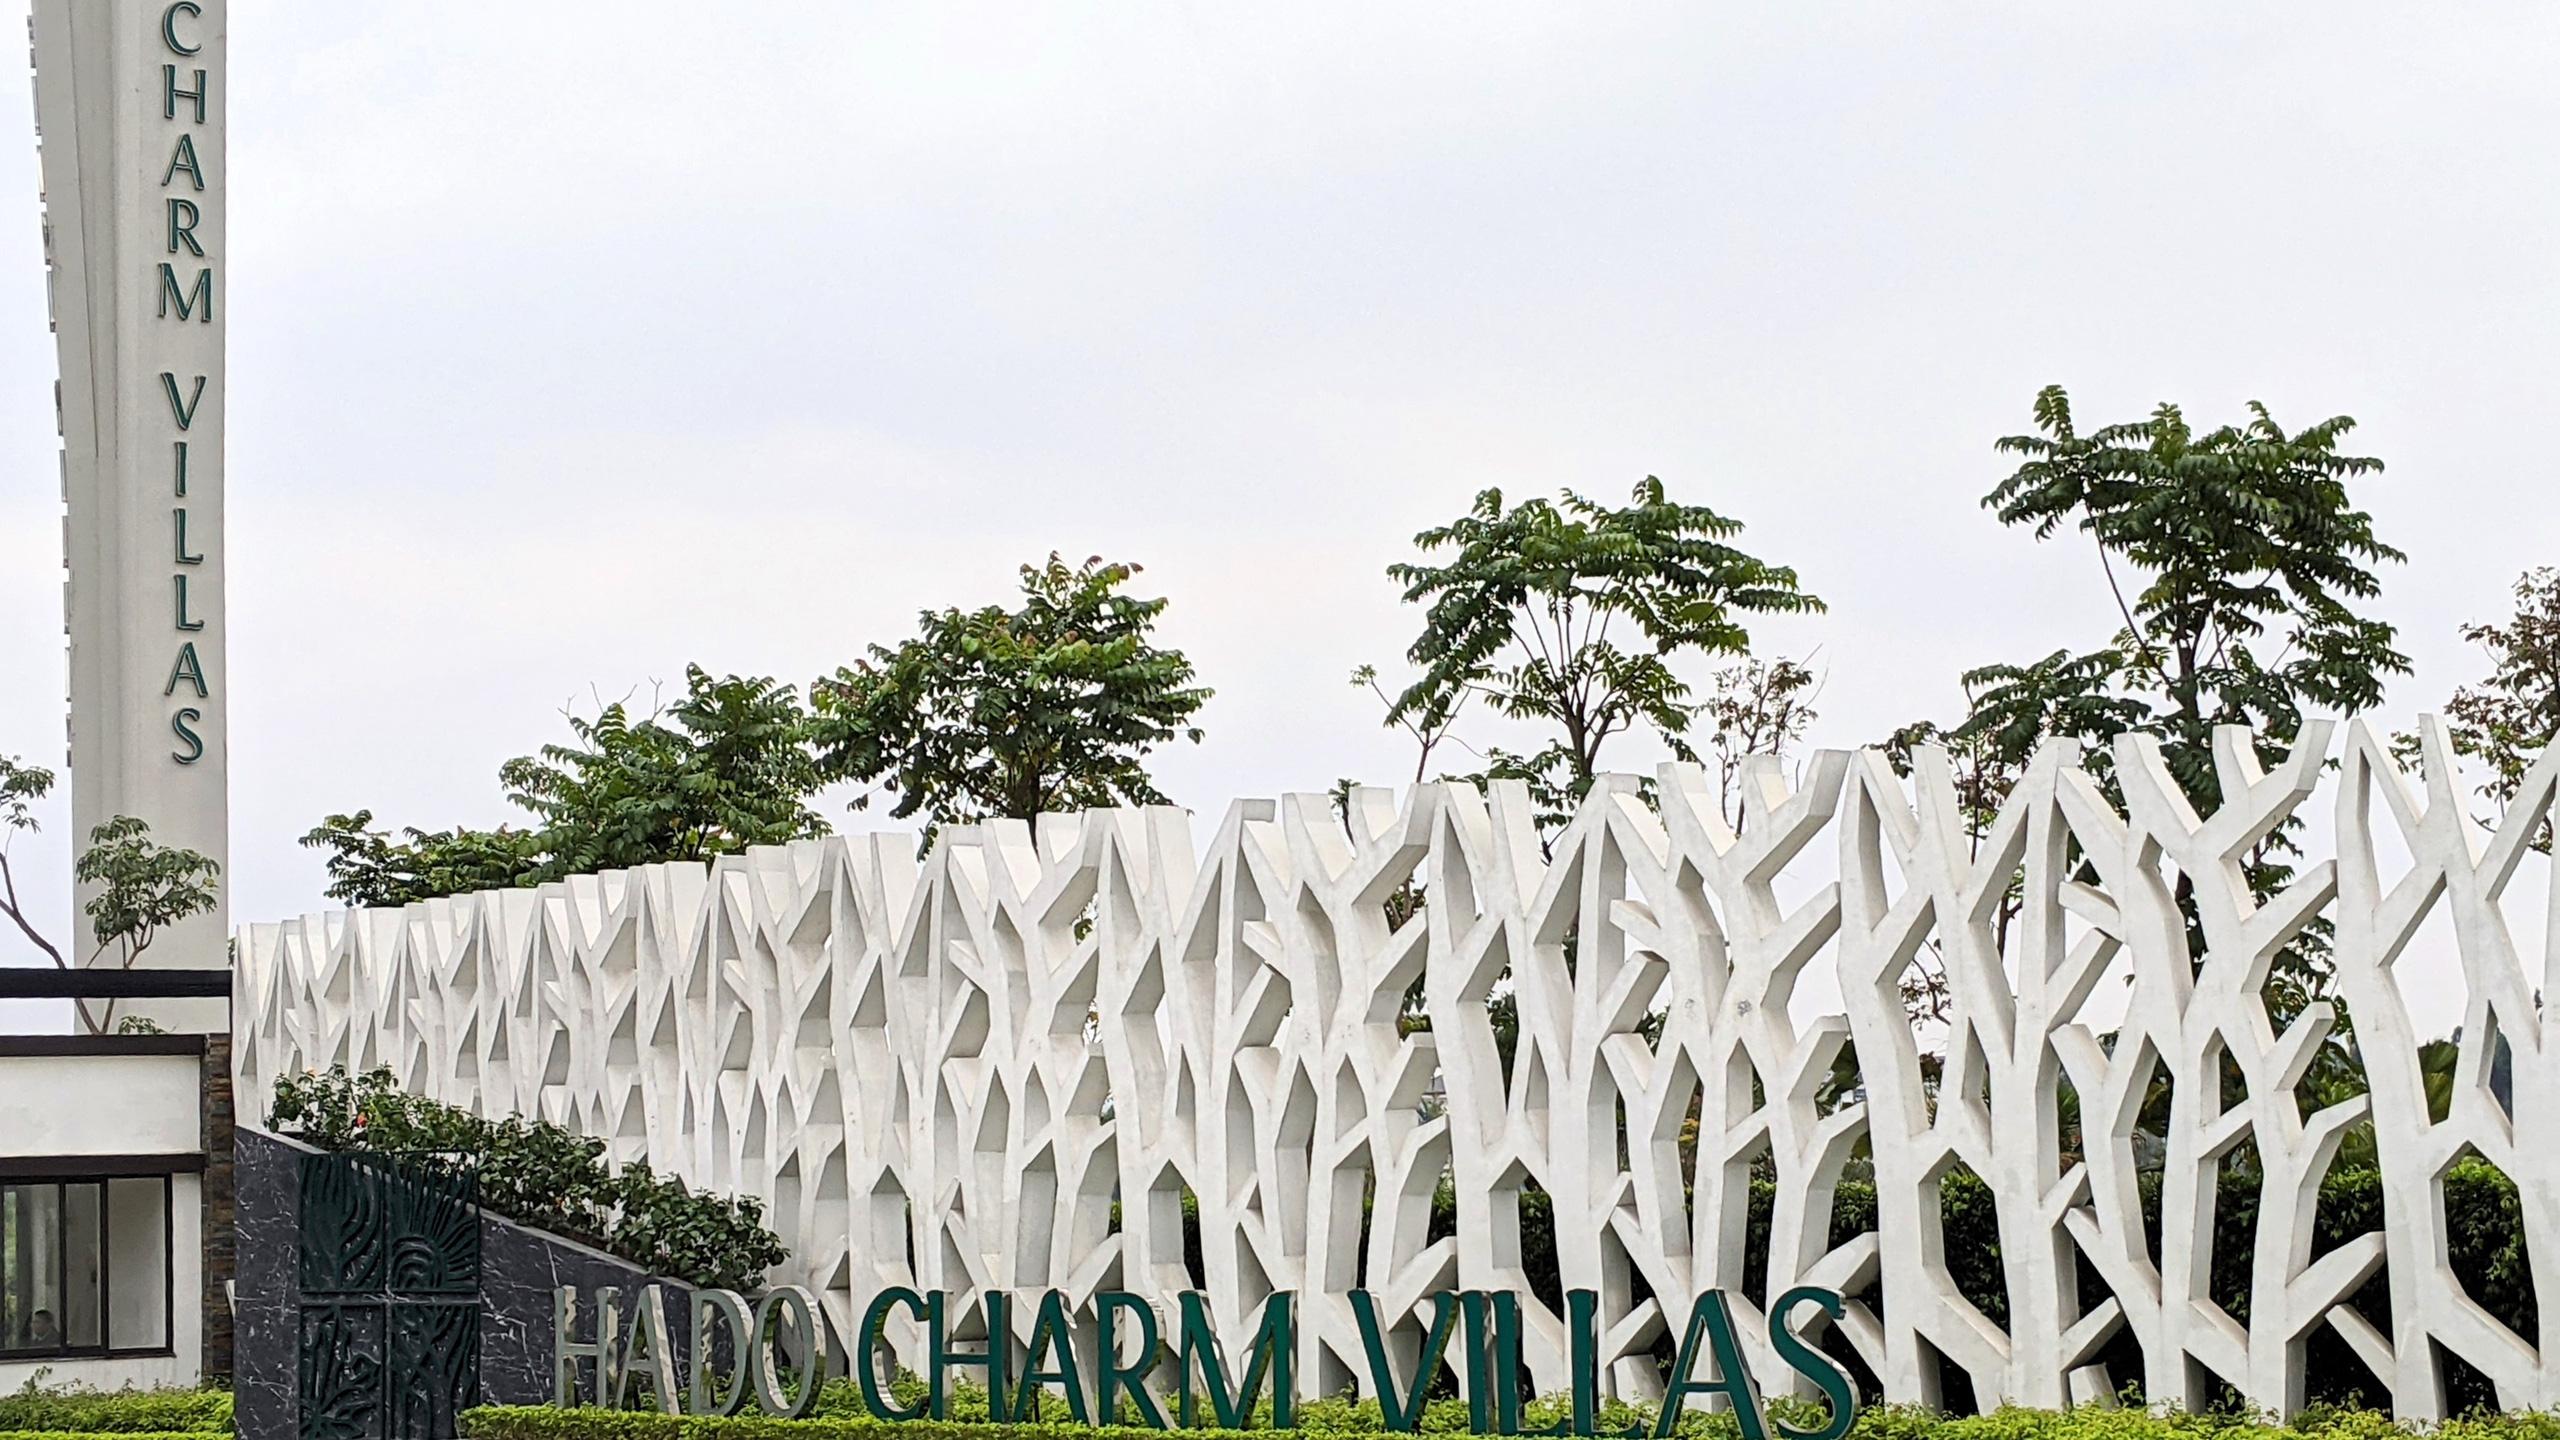 Hà Đô dự kiến mở rộng quỹ đất tại TP Thủ Đức và đô thị vệ tinh Hòa Lạc - Ảnh 1.